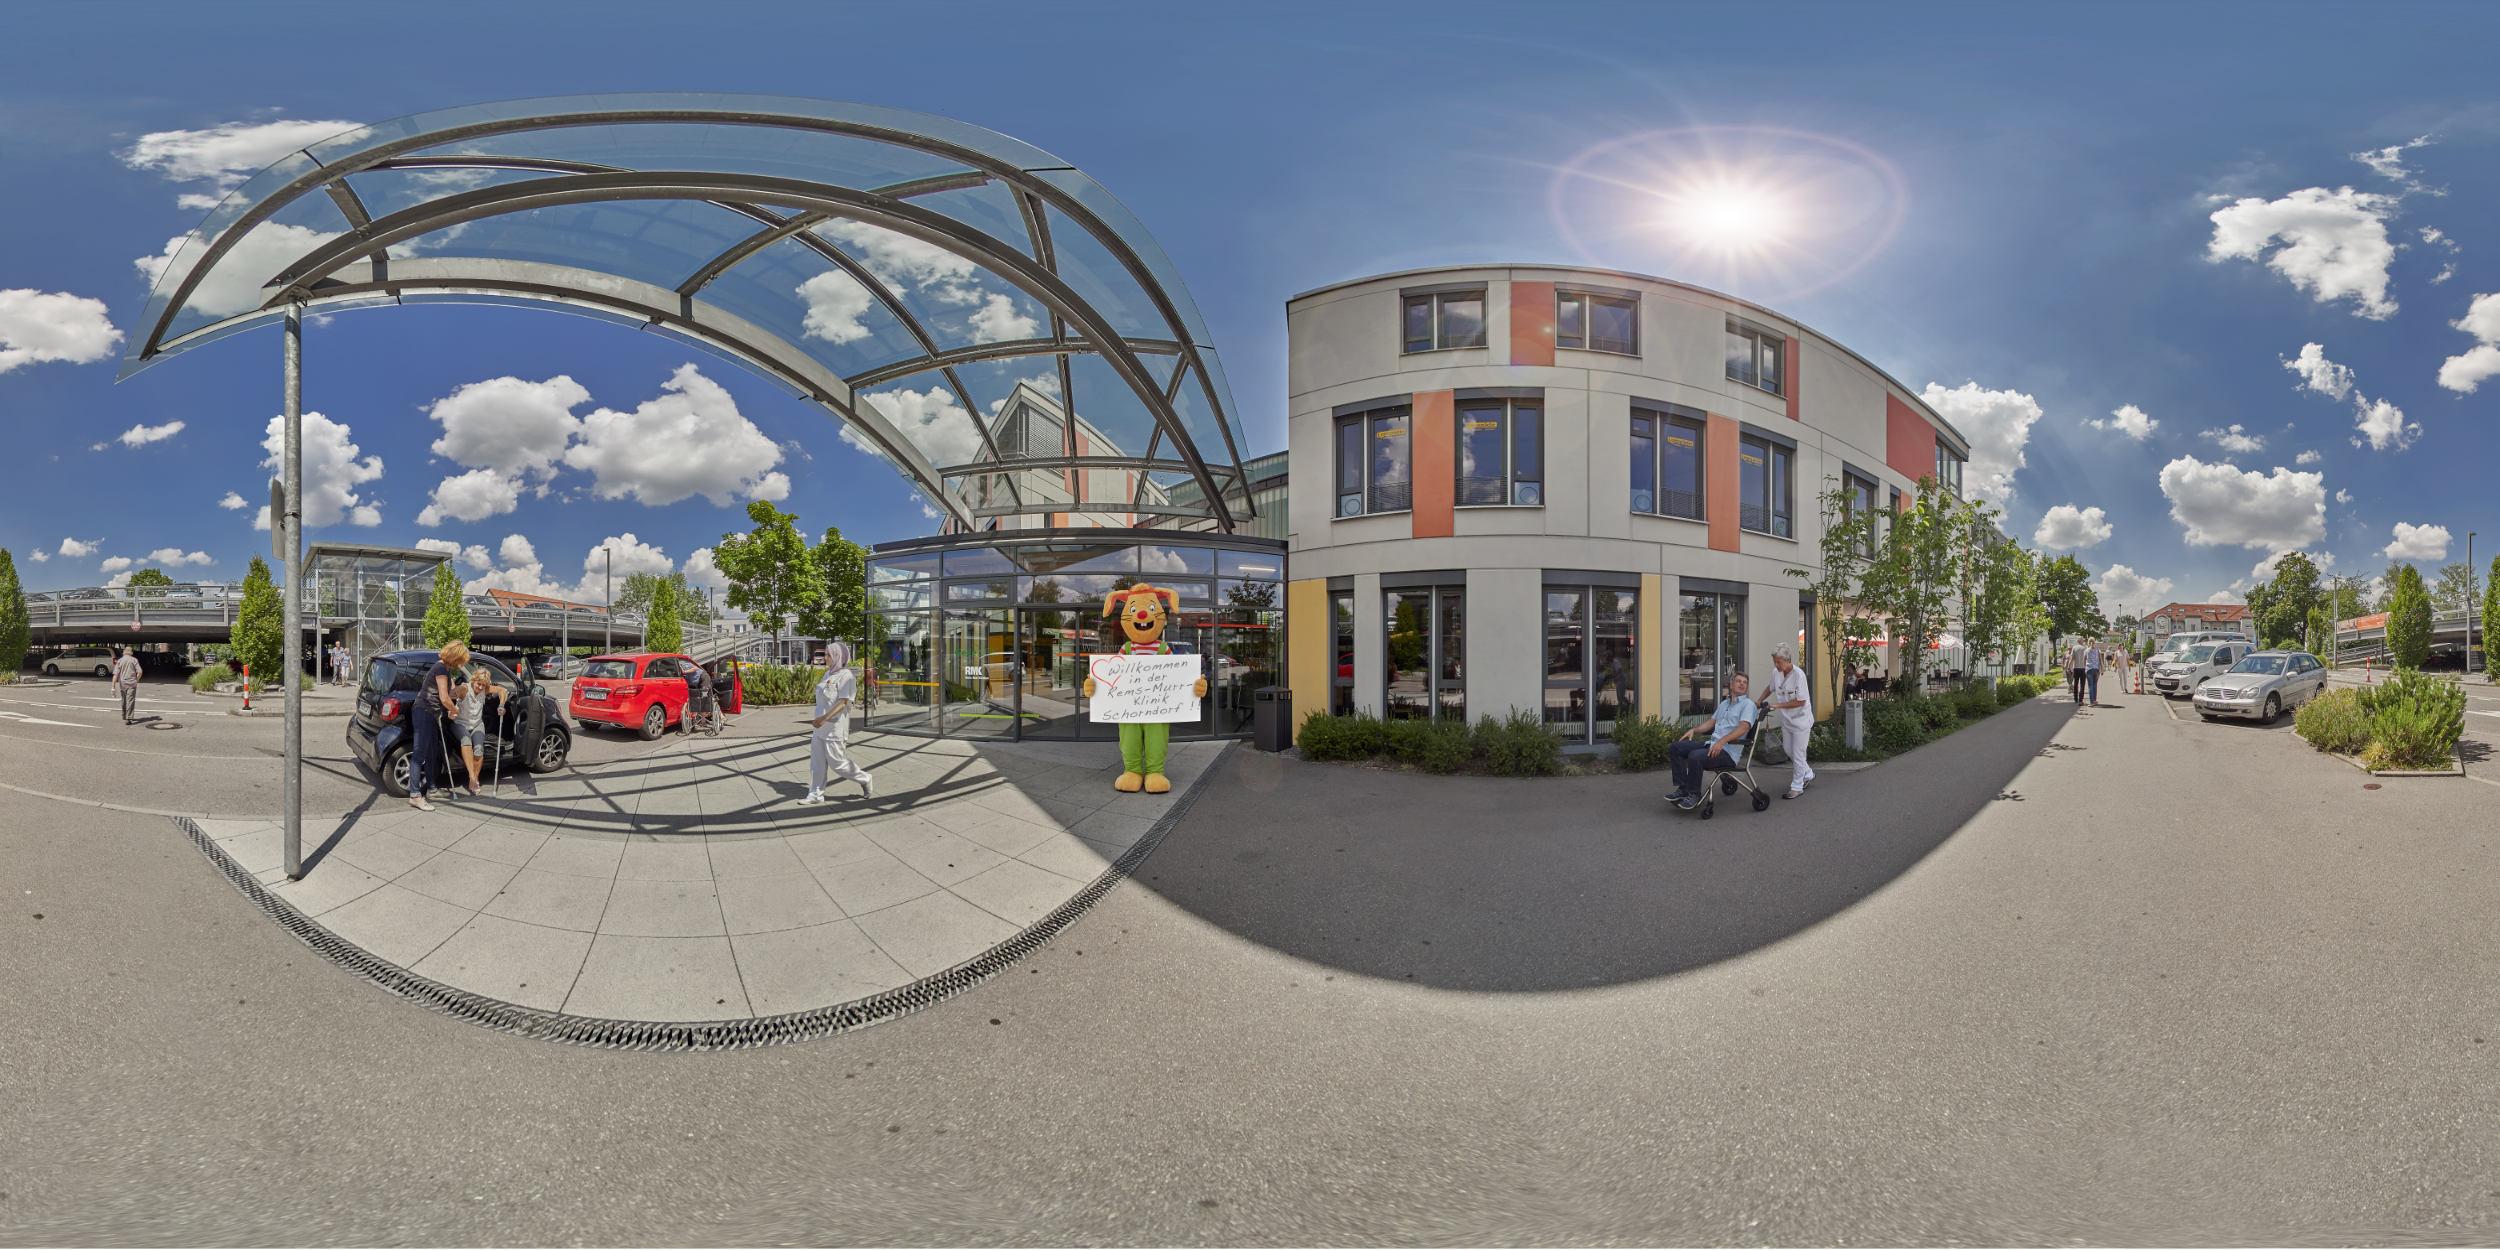 Panoramafotografie Virtuelle Touren 360Grad Fotografie Stuttgart und Umgebung Panorama 360°x180° Sphäre Virtuelle Tour durch das Rems-Murr Klinikum Winnenden und Schorndorf Eingangsbereich